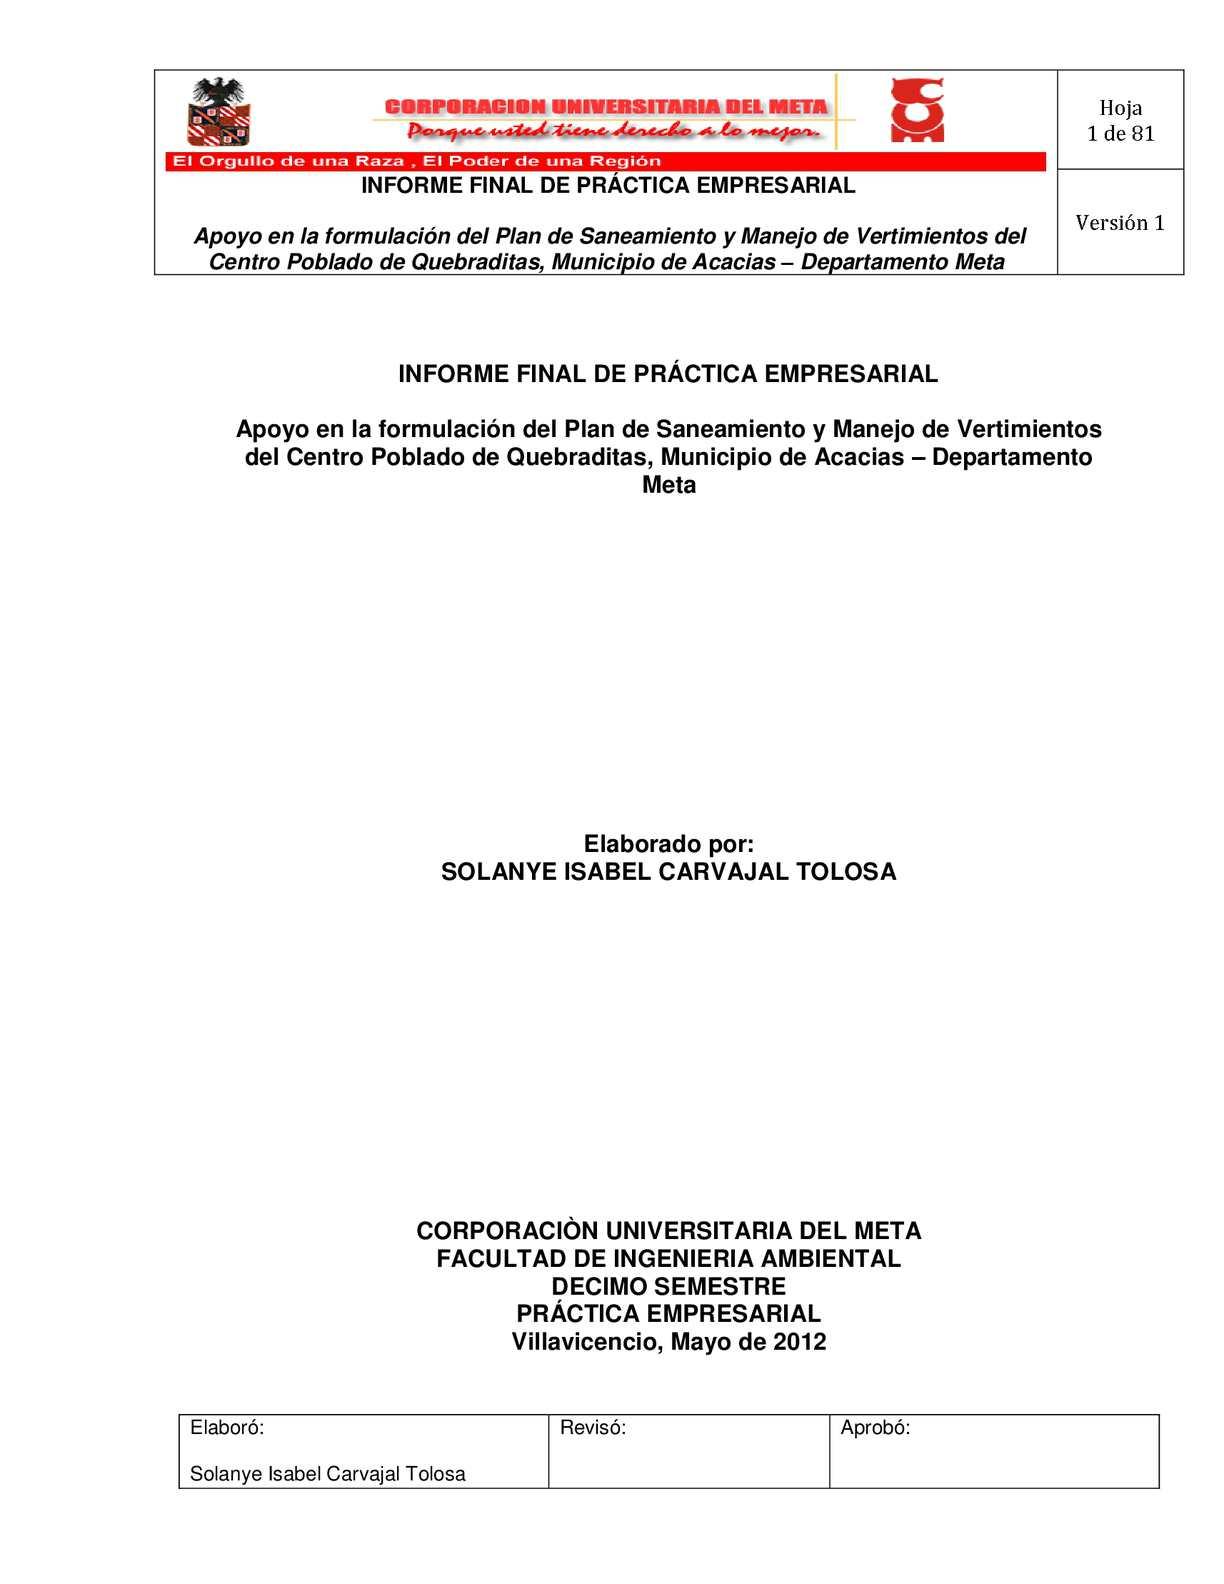 INFORME FINAL DE PRÁCTICA EMPRESARIAL - SOL